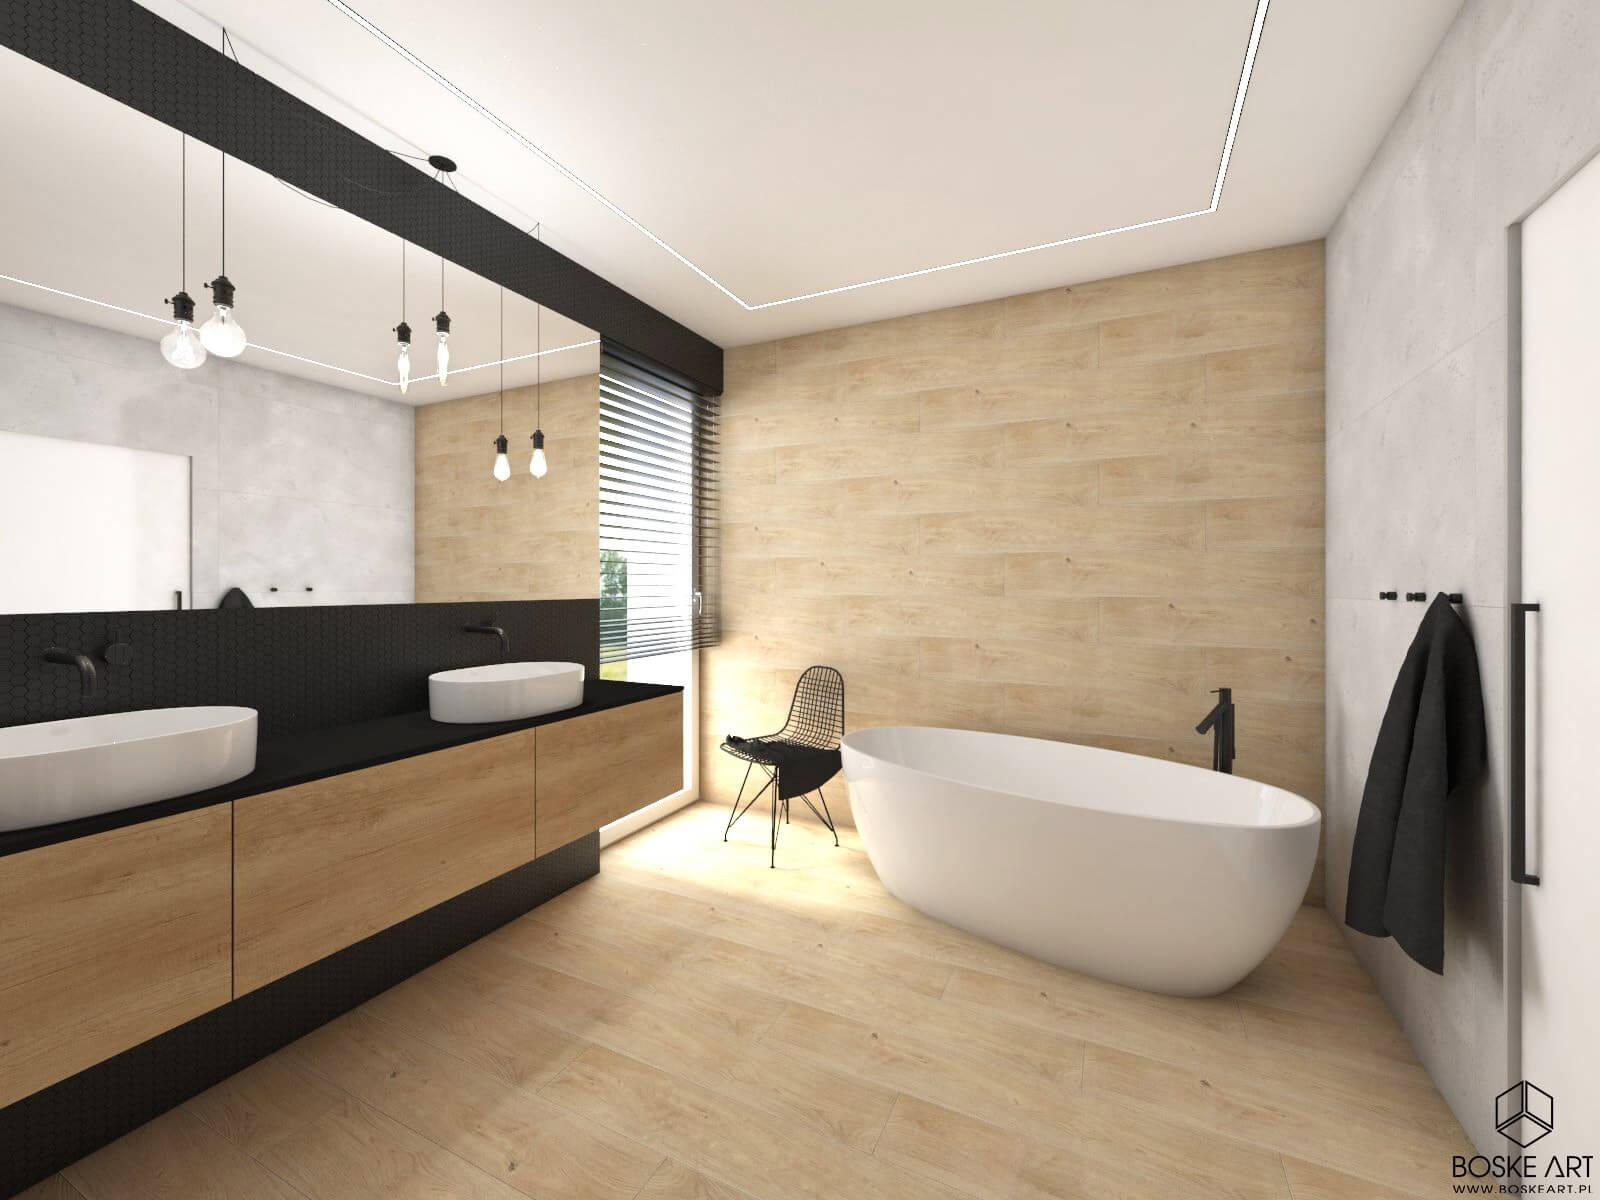 18_mieszkanie_poznan_boske_art_projektowanie_wnetrz_architektura_natalia_robaszkiewicz-min